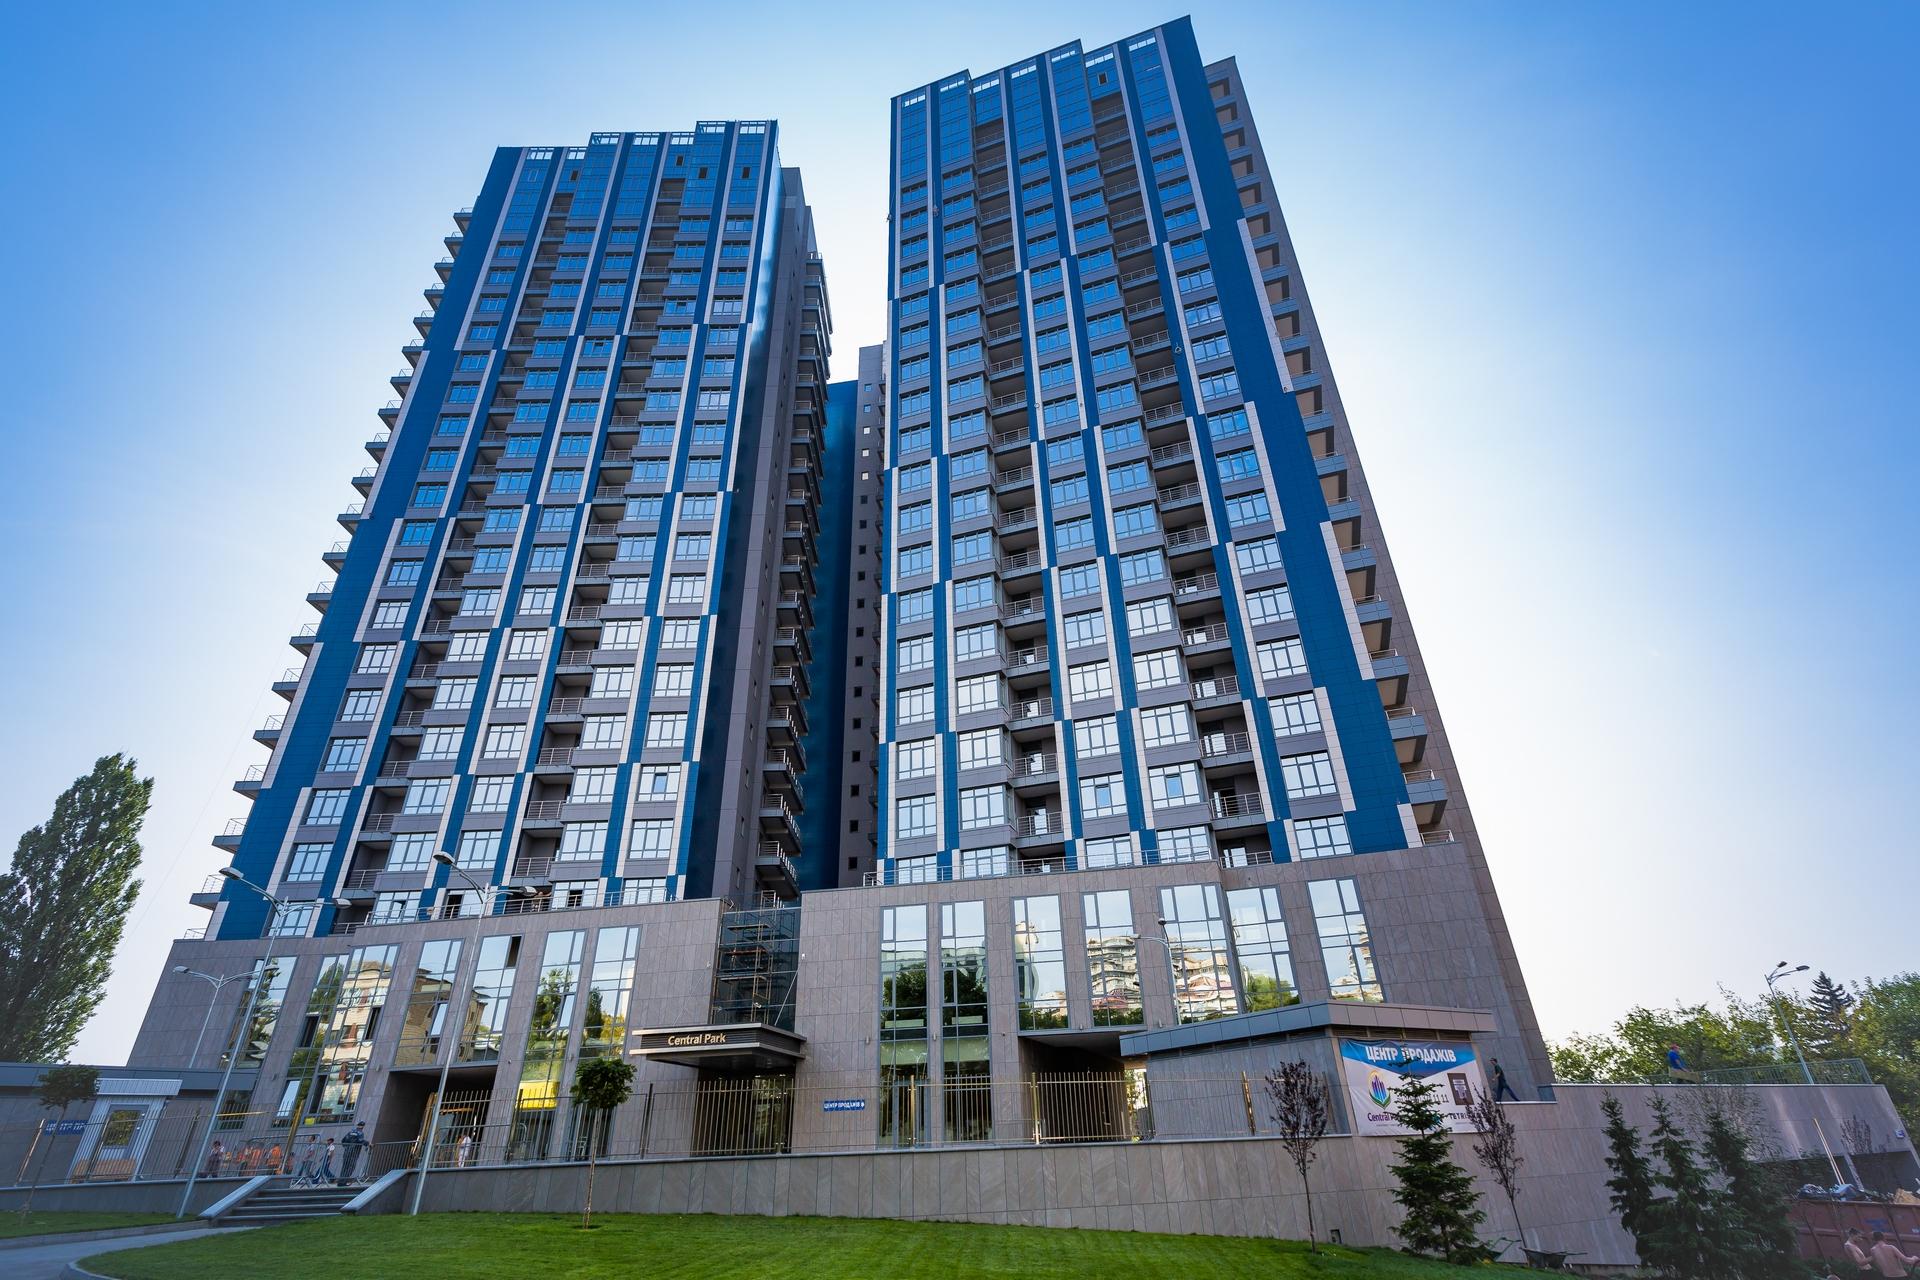 Более 240 семей получили ключи от квартир комплекса Central Park